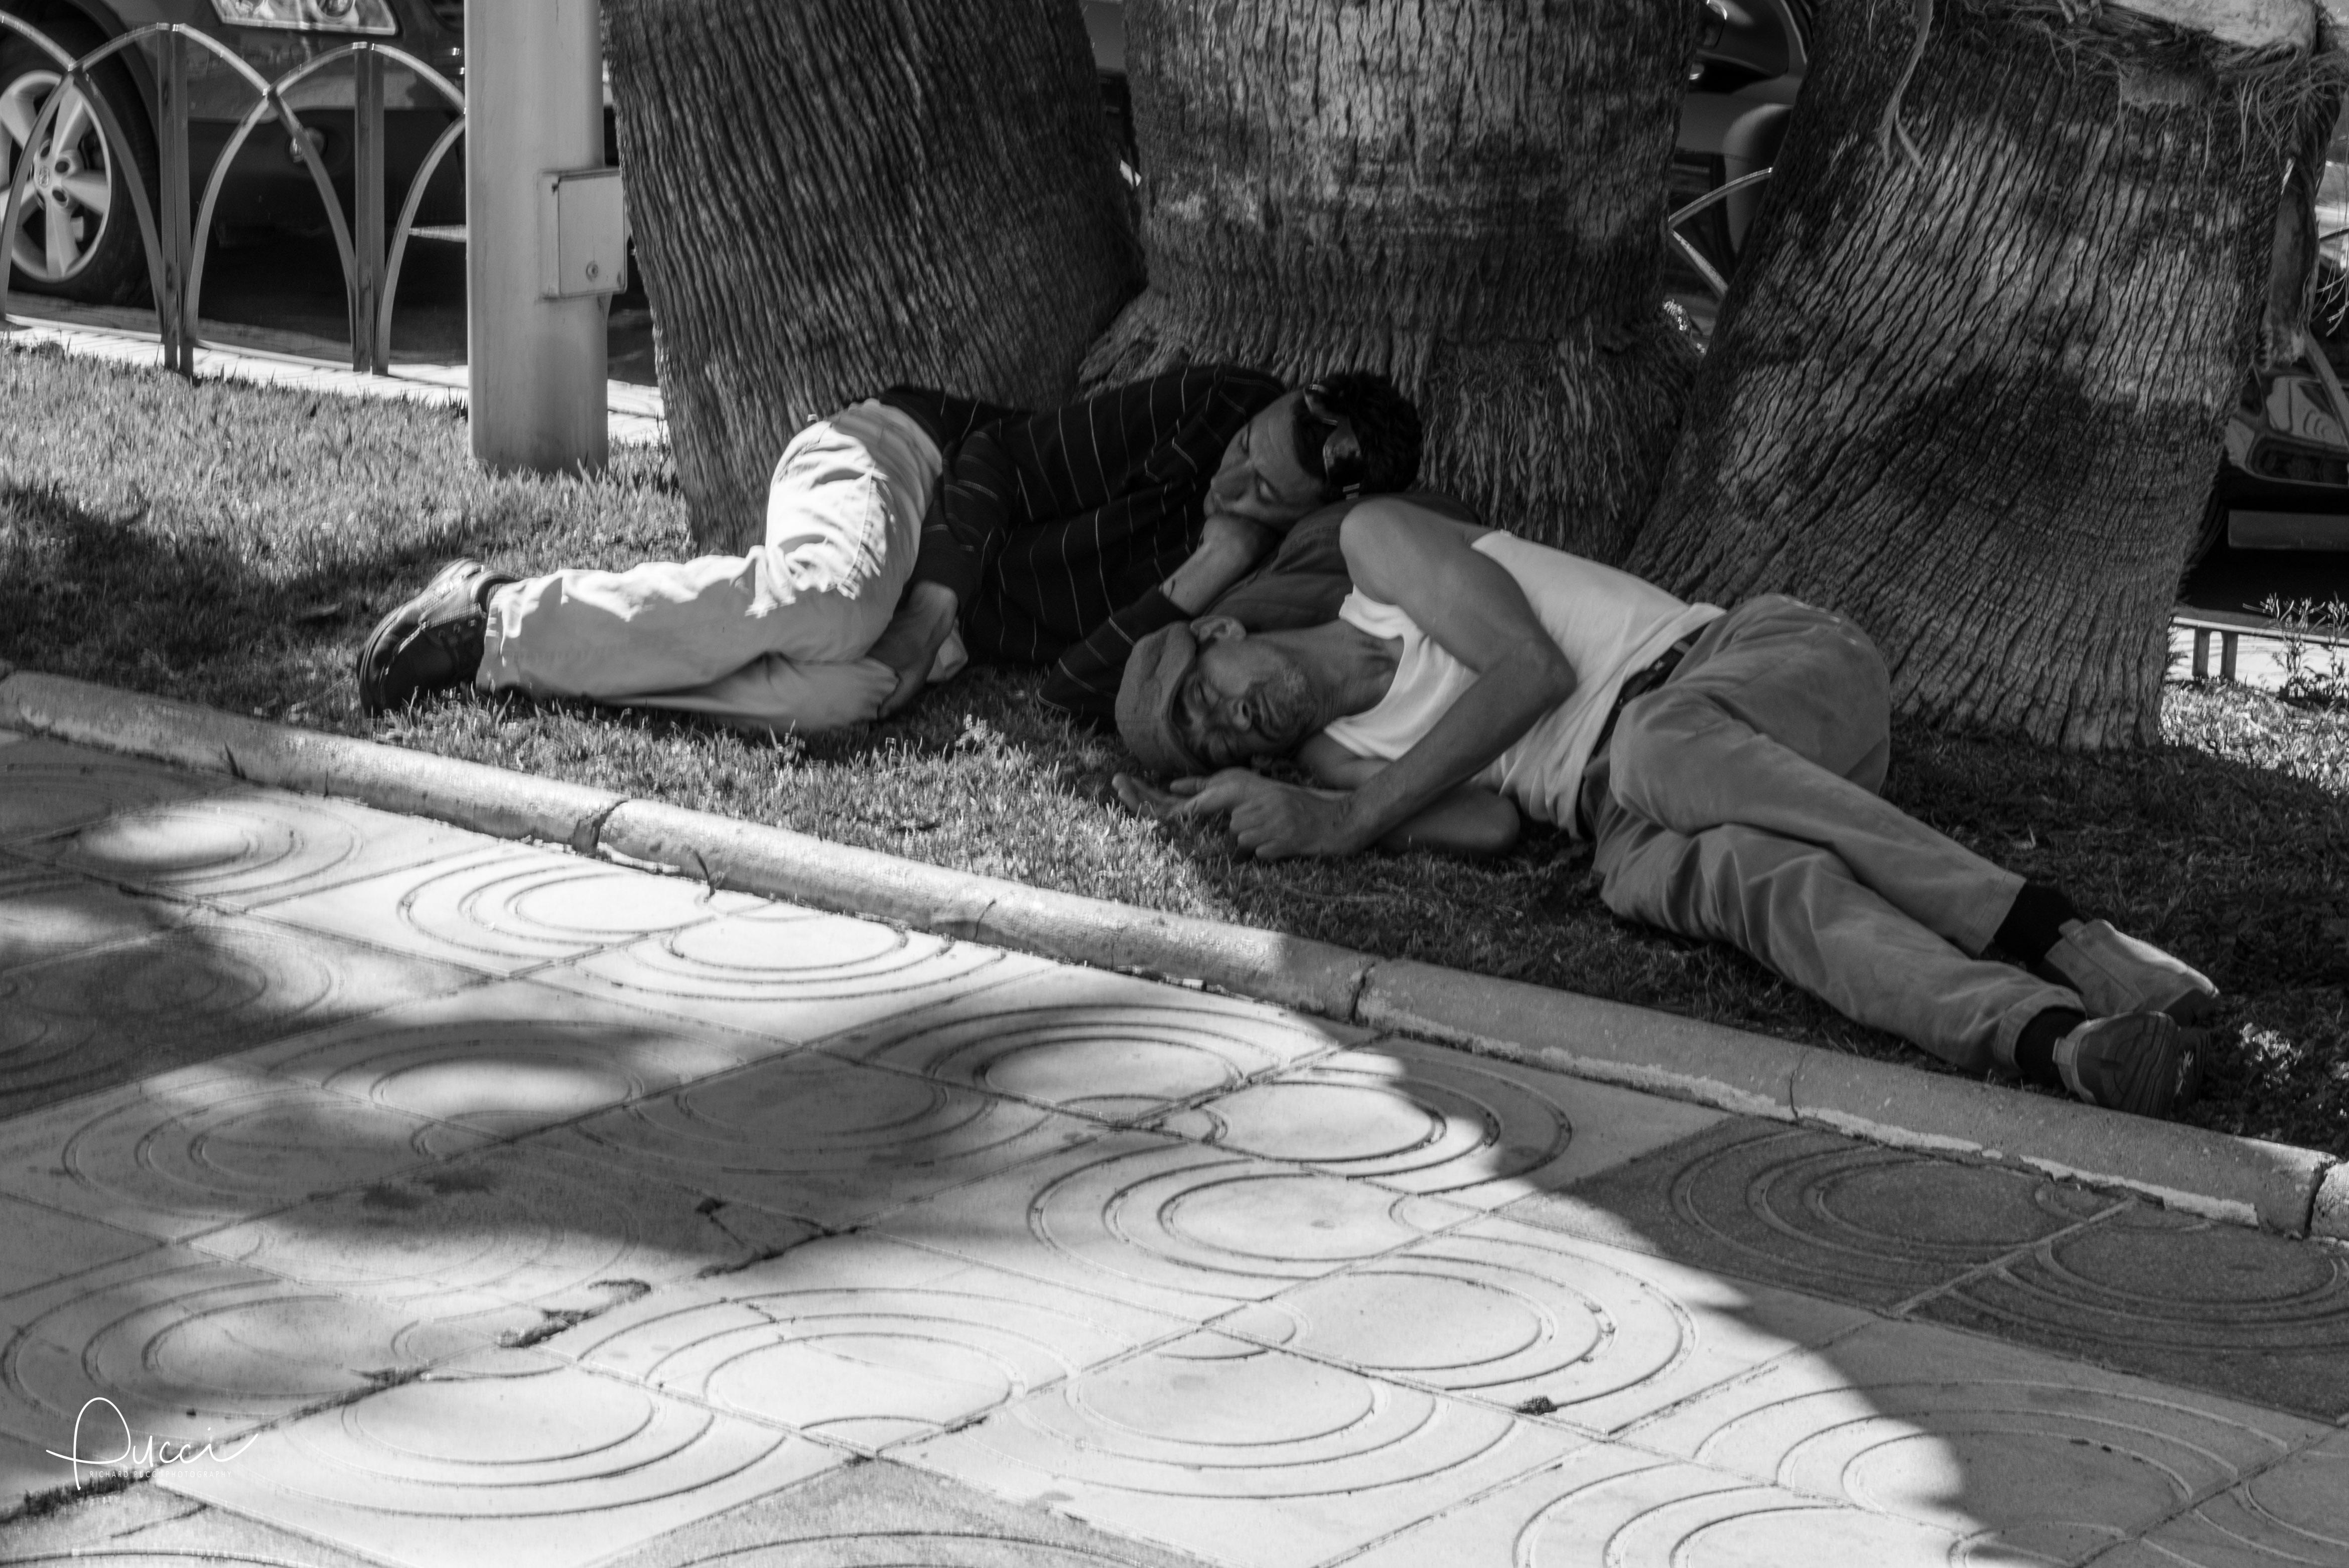 Siesta, Malaga